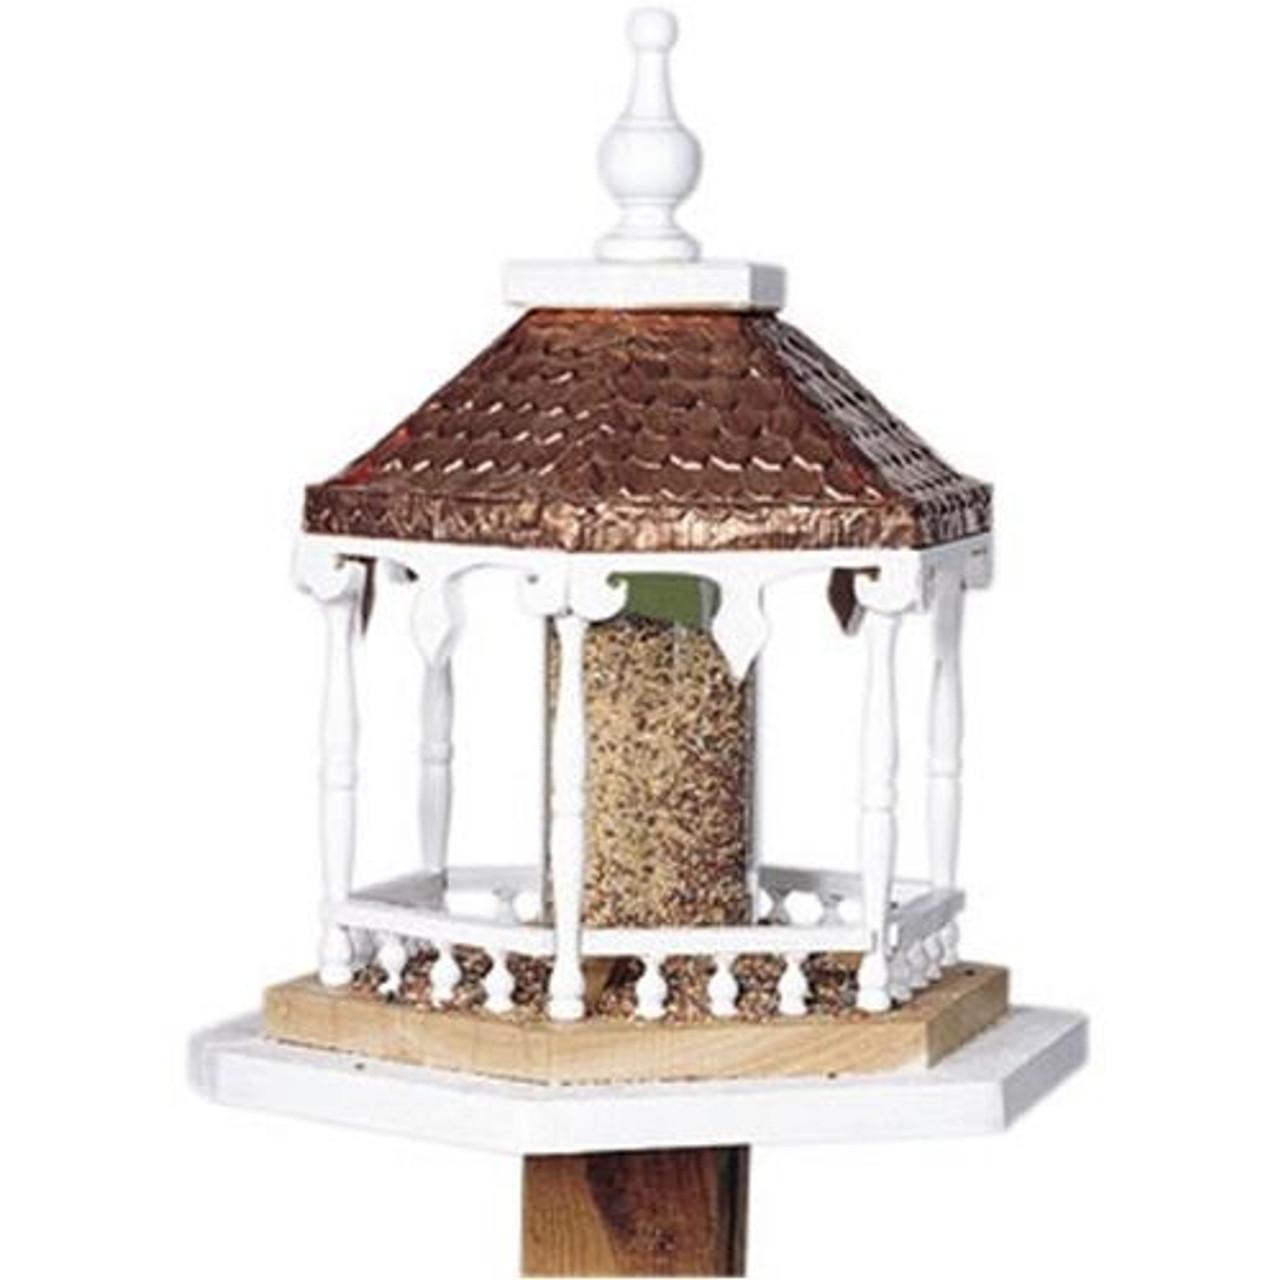 Cherry Tree Toys Gazebo Birdfeeder Plan